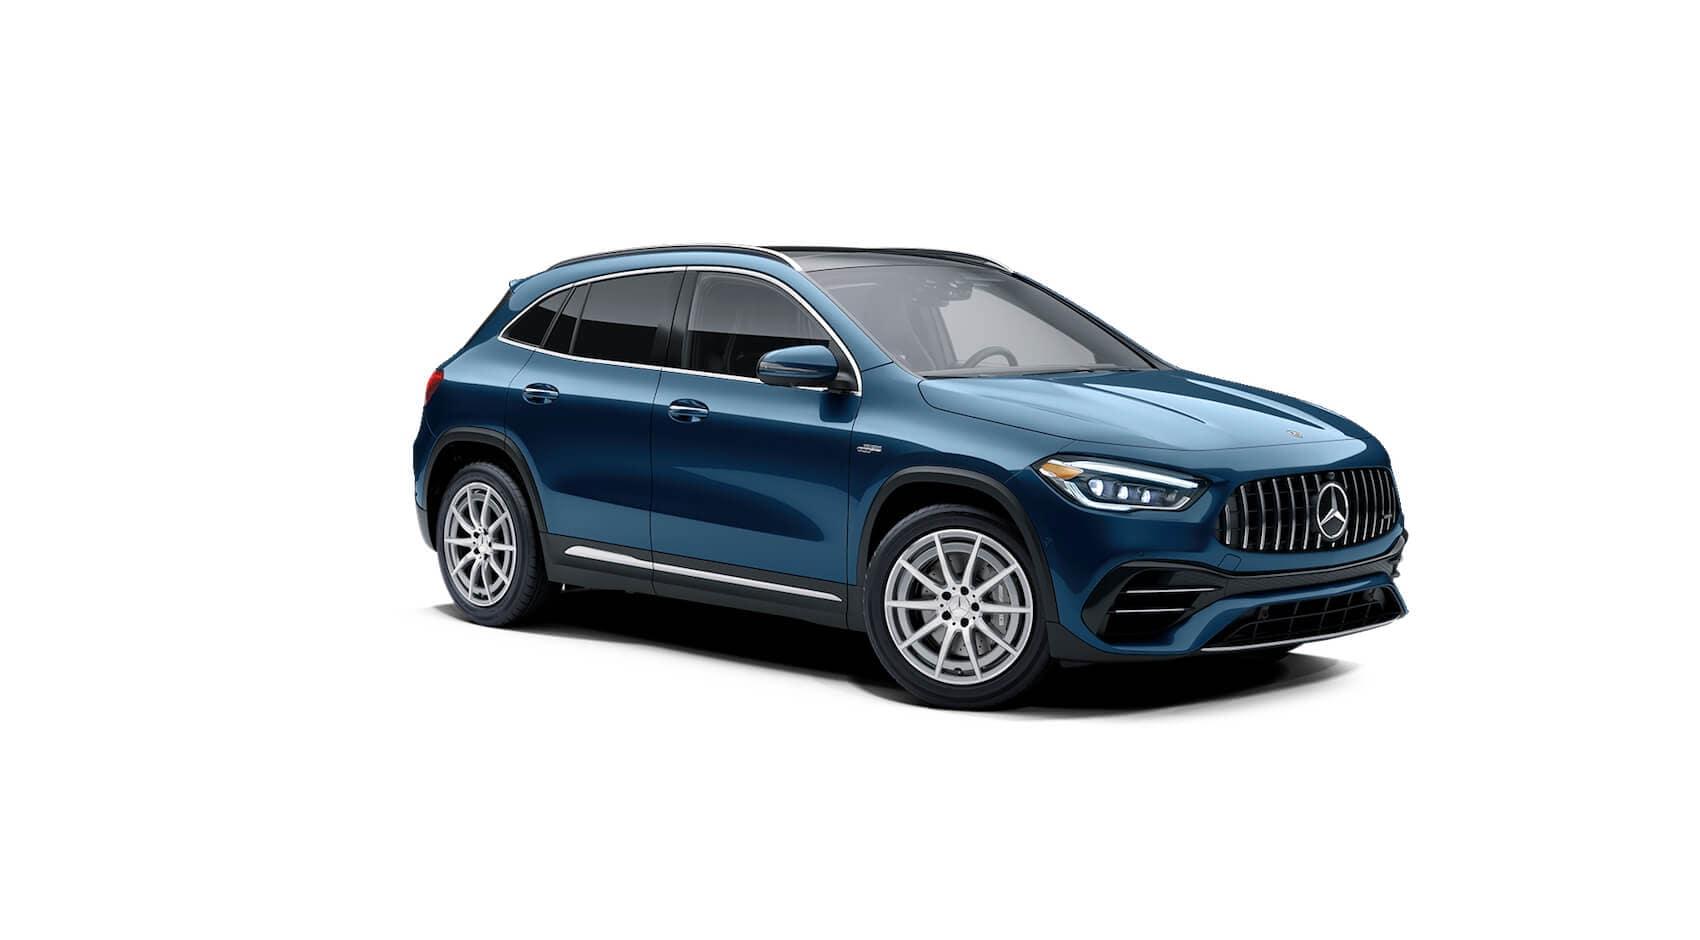 2021 Mercedes-Benz GLA exterior Albany, GA